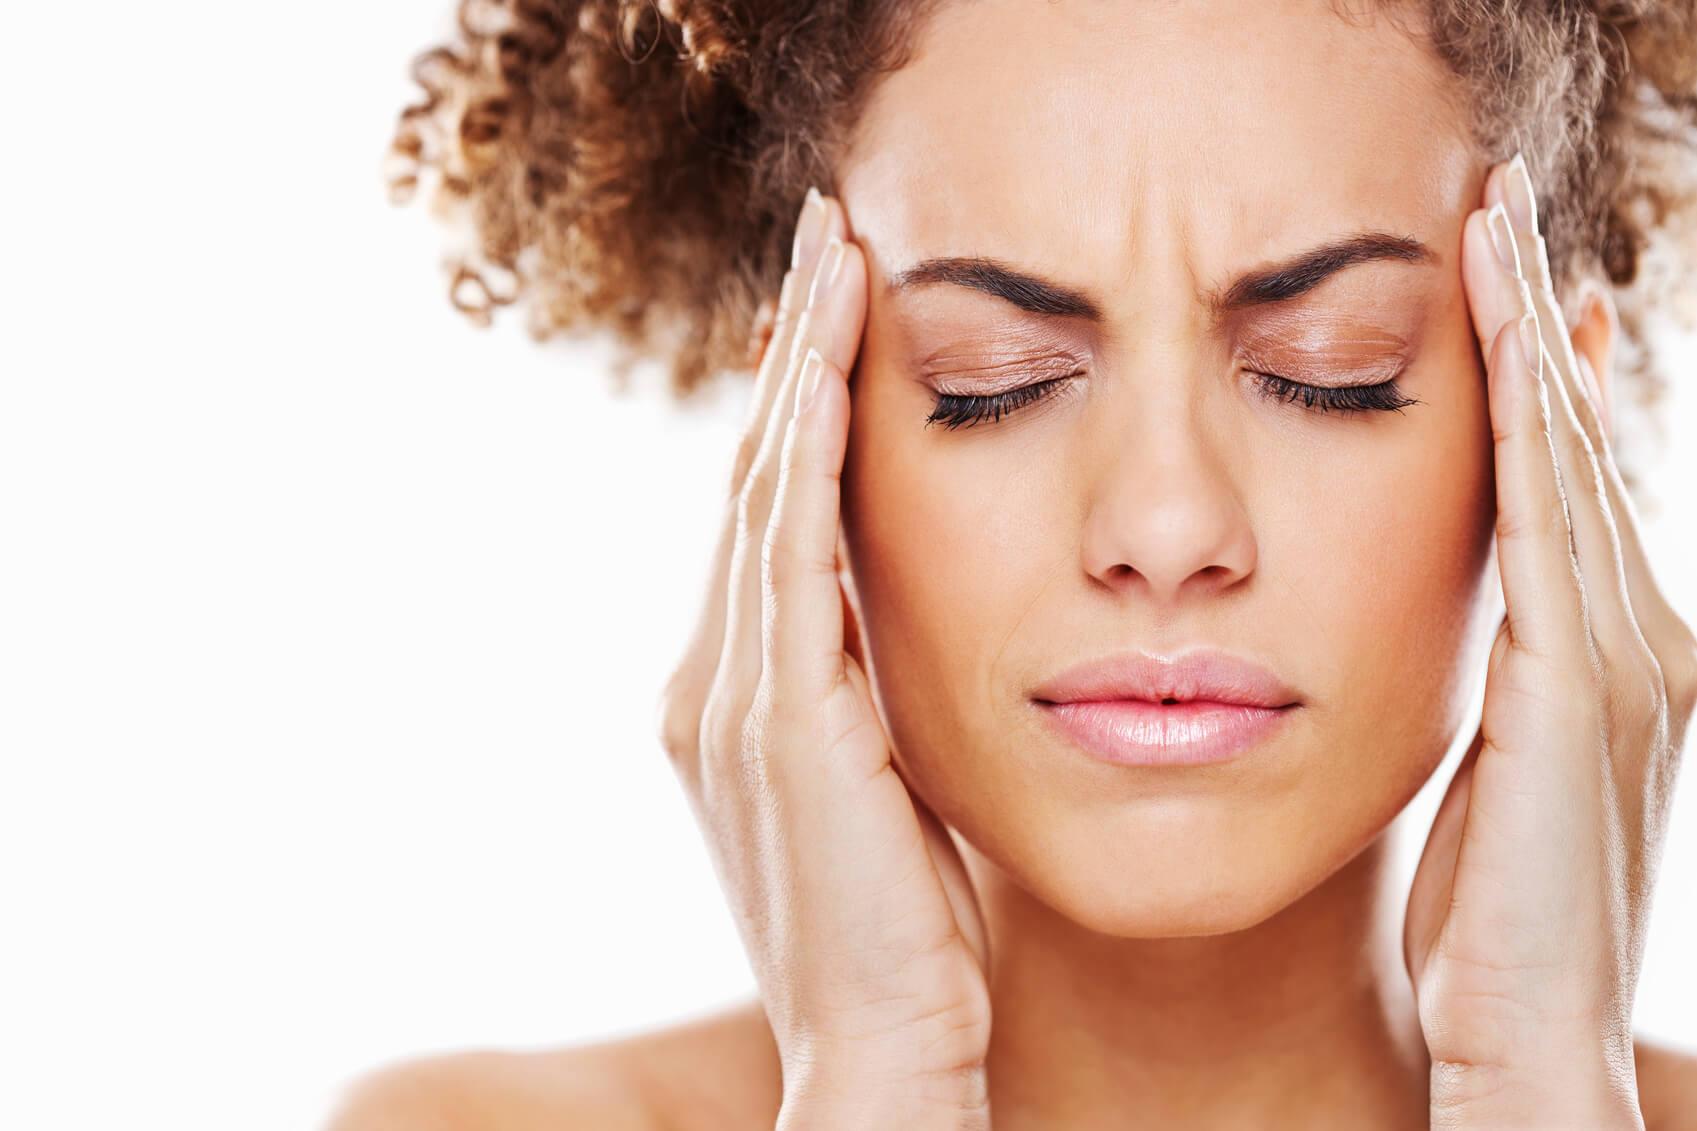 huvudvärk mellan ögonbrynen